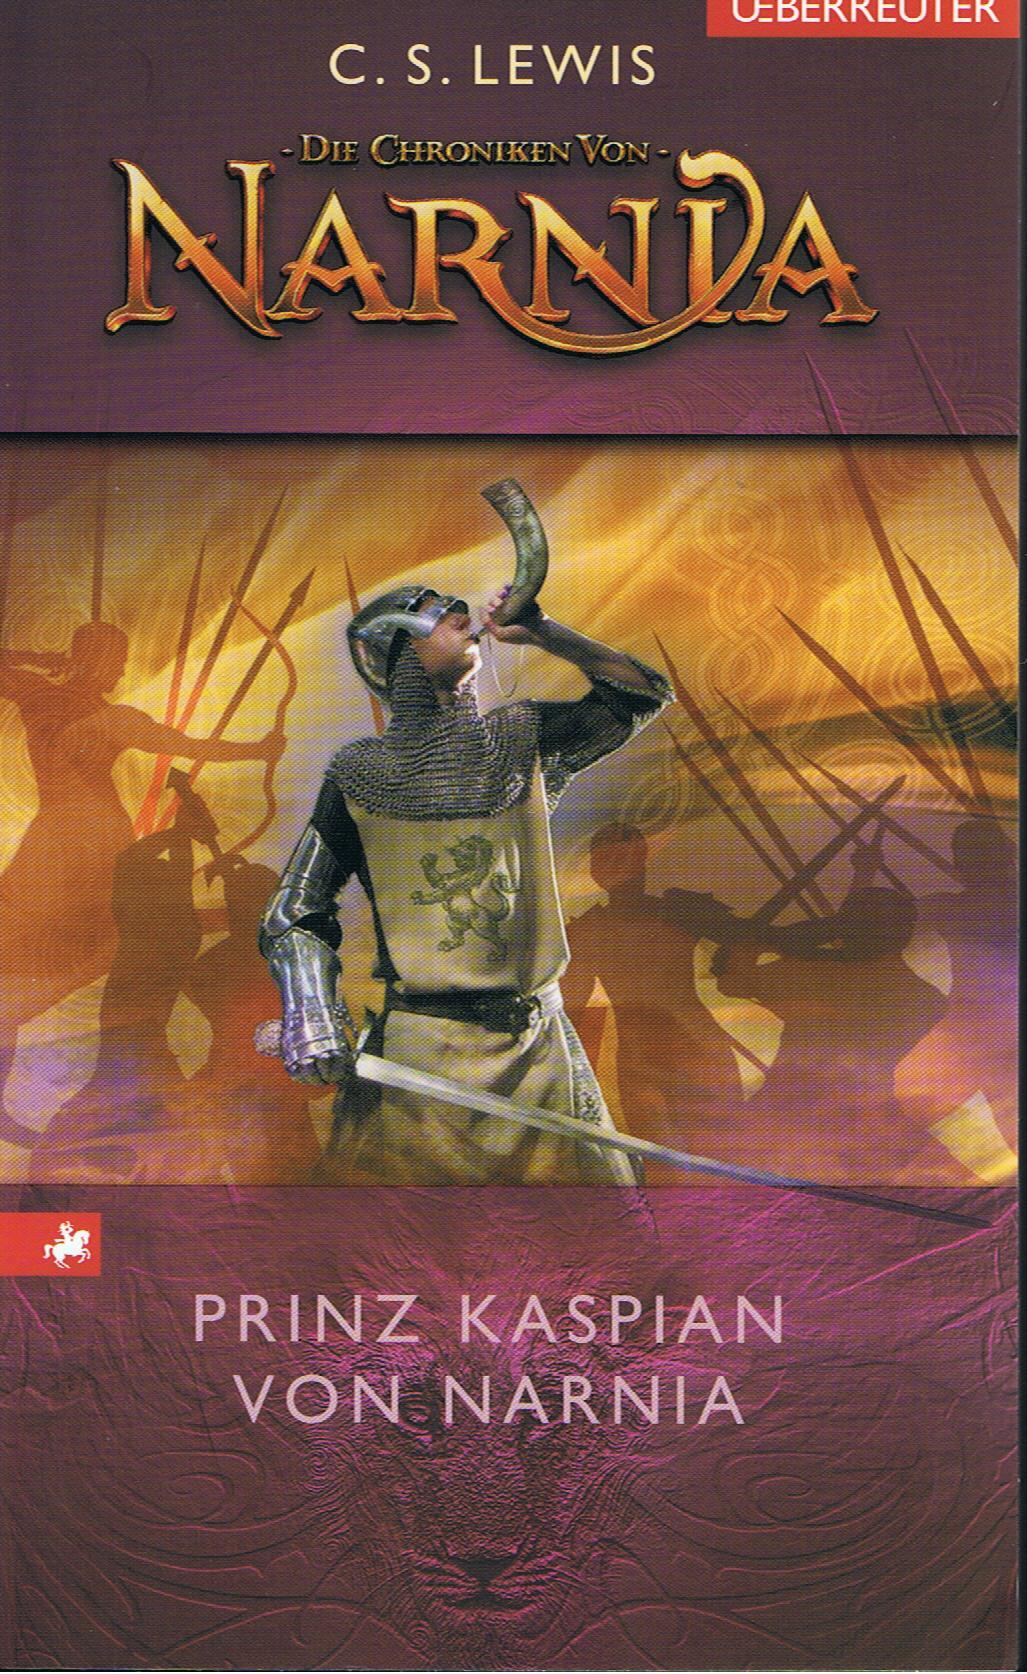 Narnia Prinz Kaspian